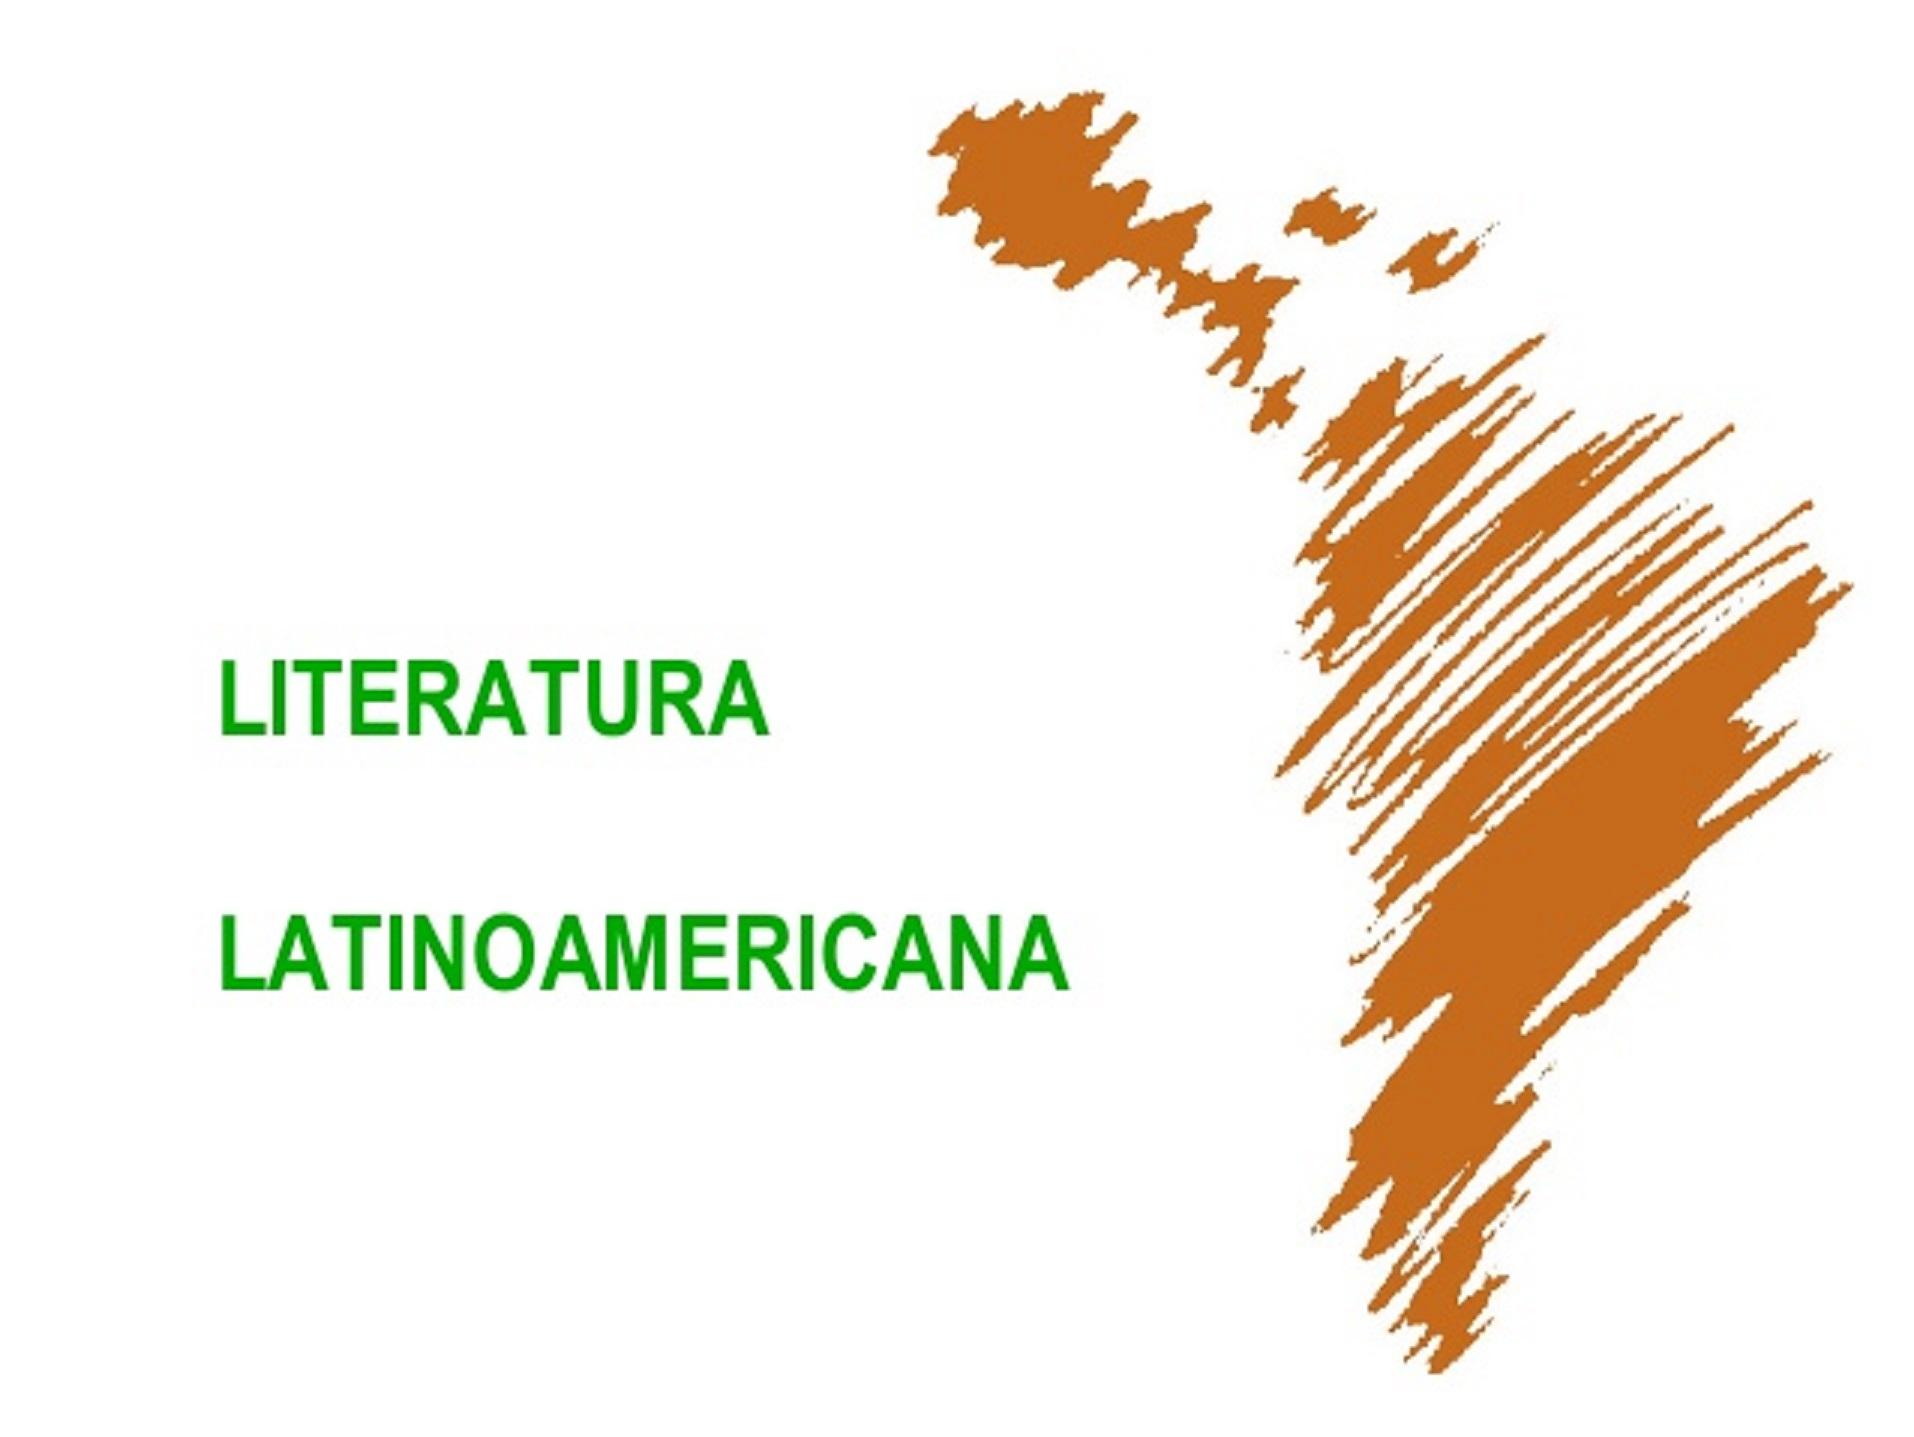 Literatura latinoamericana.jpg